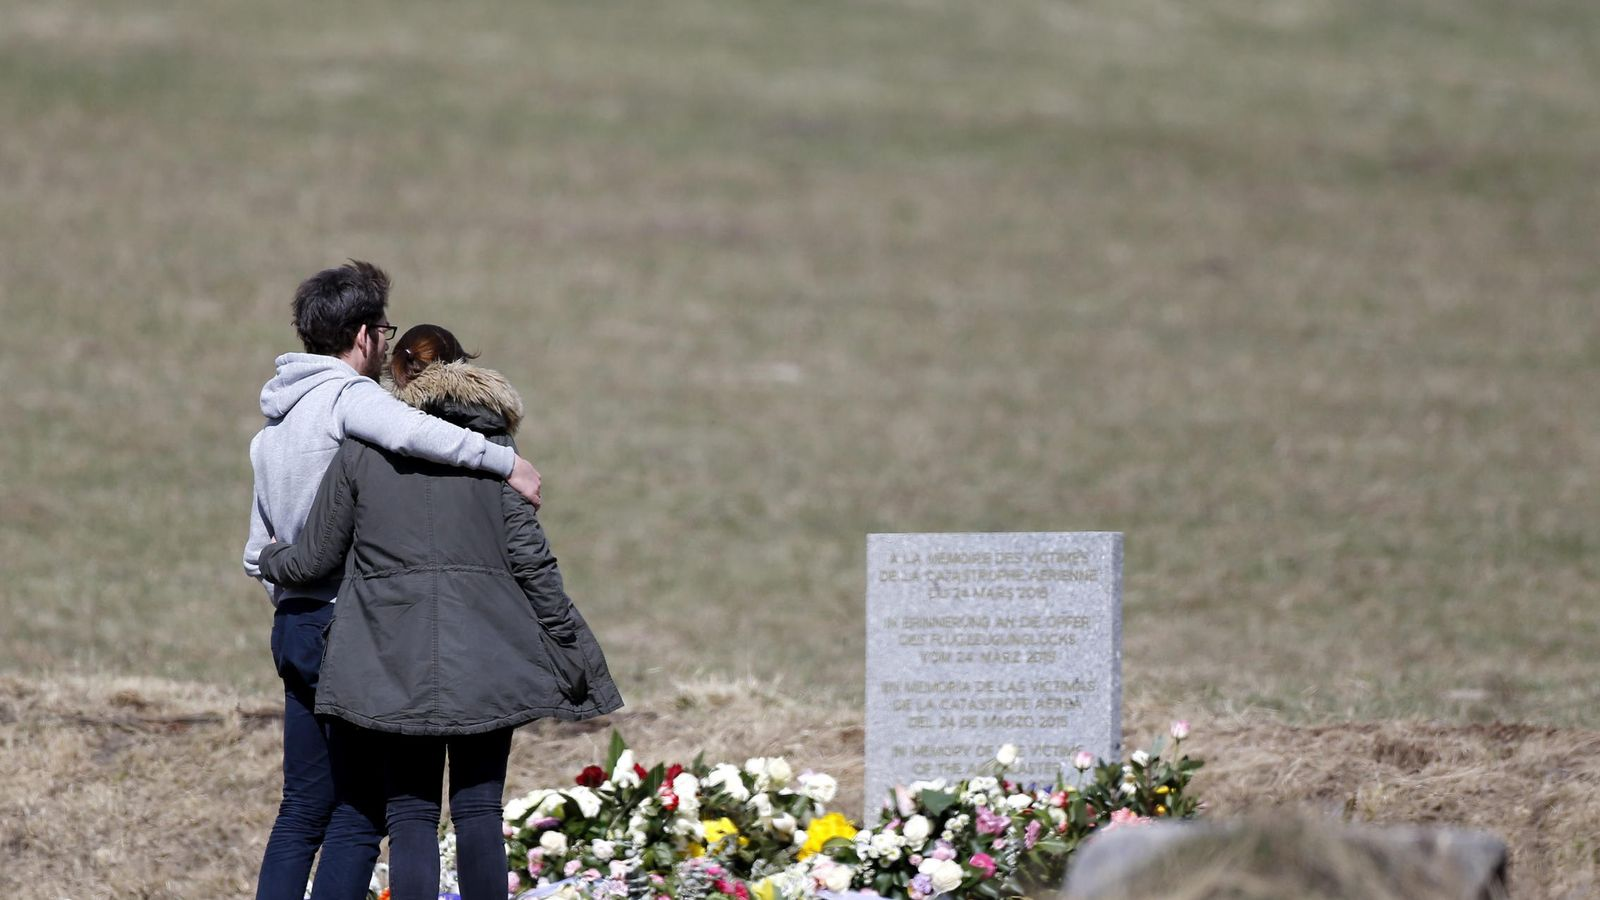 Foto: Familiares de las víctimas visitan el monolito en homenaje a los fallecidos del avión de Germanwings. (Efe)